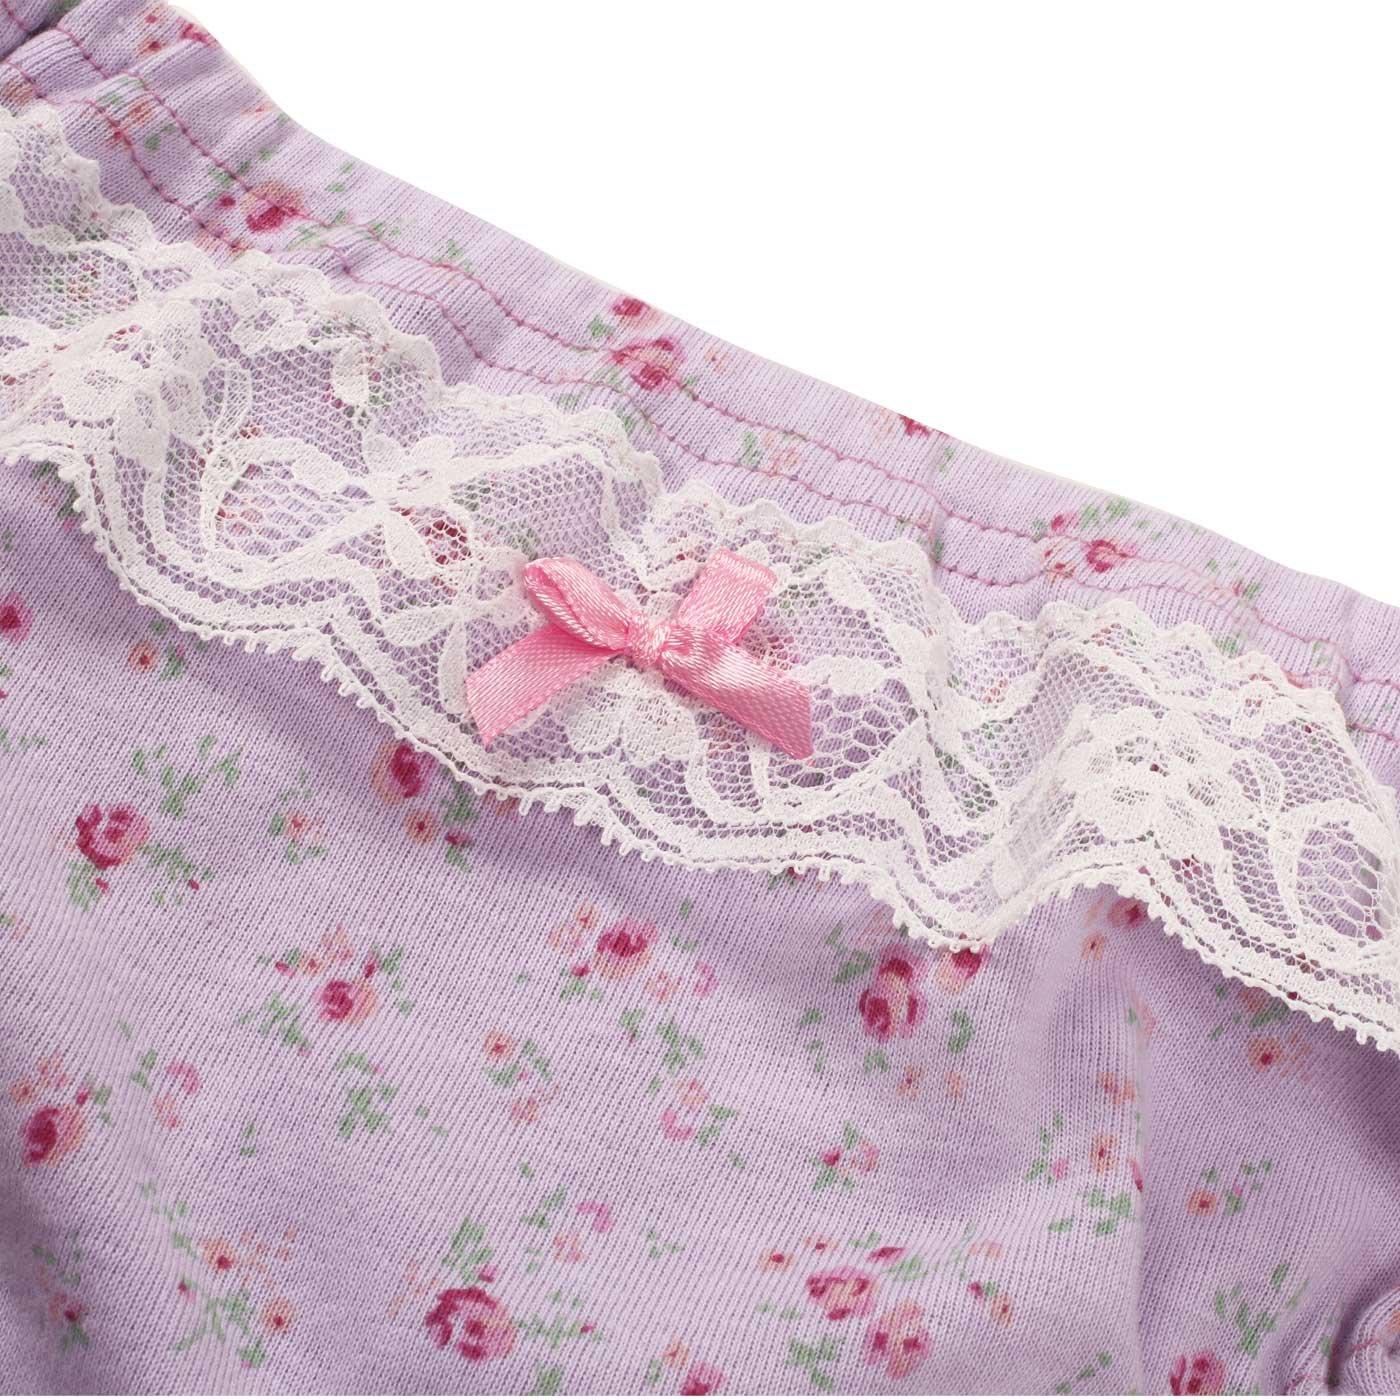 Toddler Kids Underwear Soft Brief Panties Cotton Flower Purple Pink Underwear for Girls 3t L